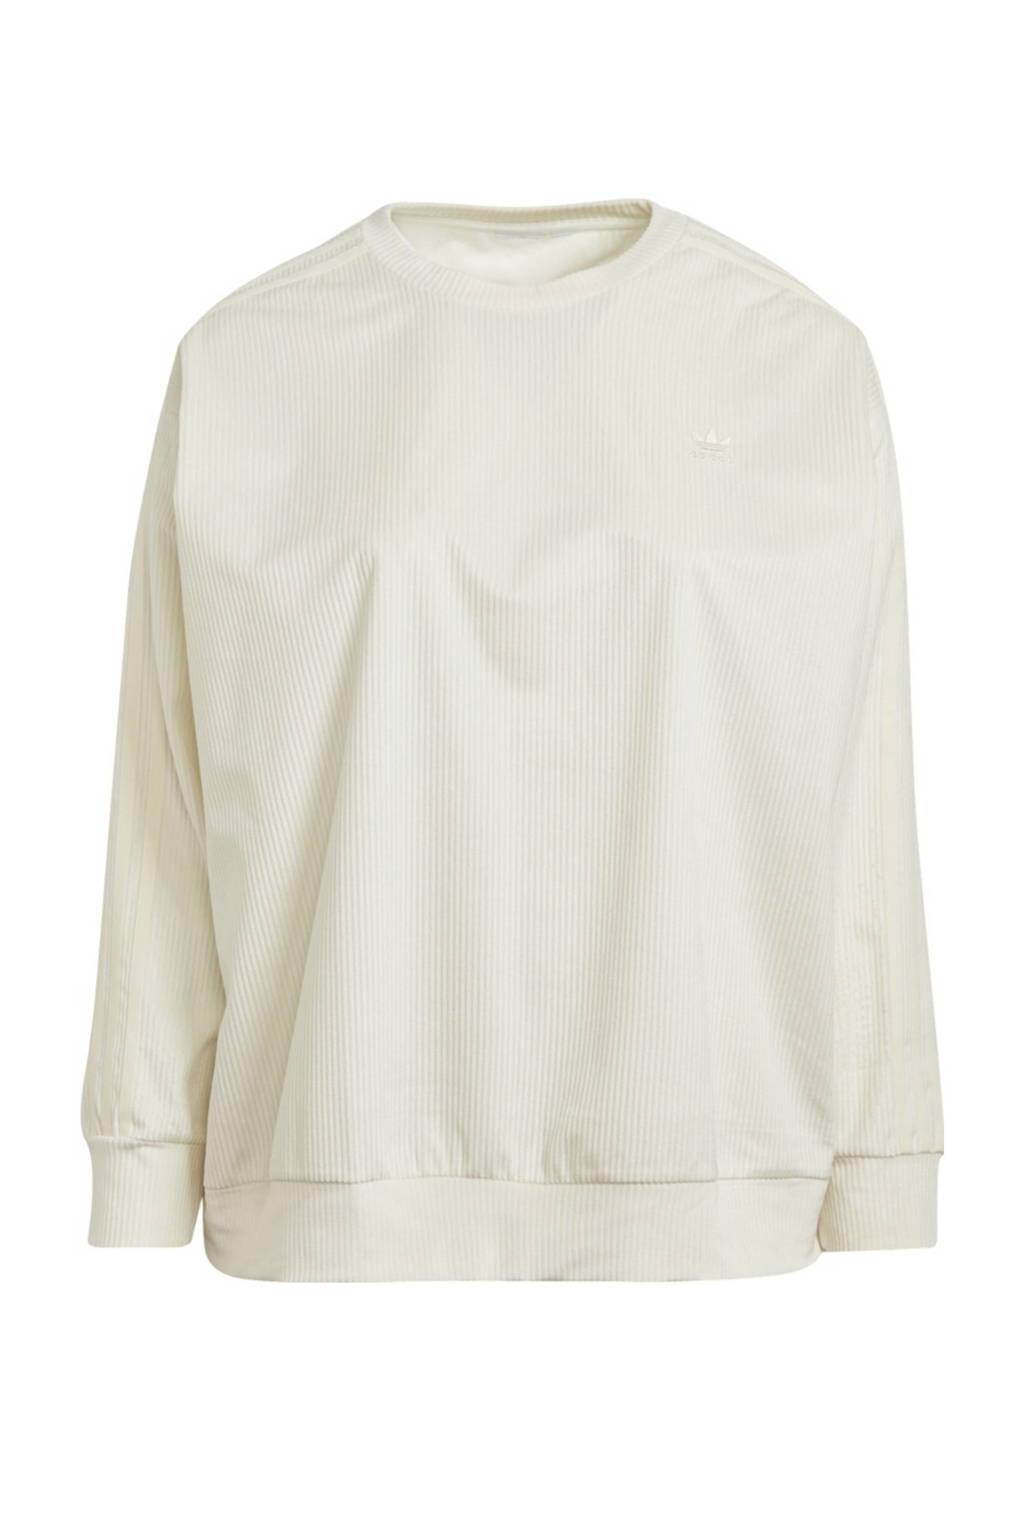 adidas Originals Plus Size Corduroy sweater crème, Crème